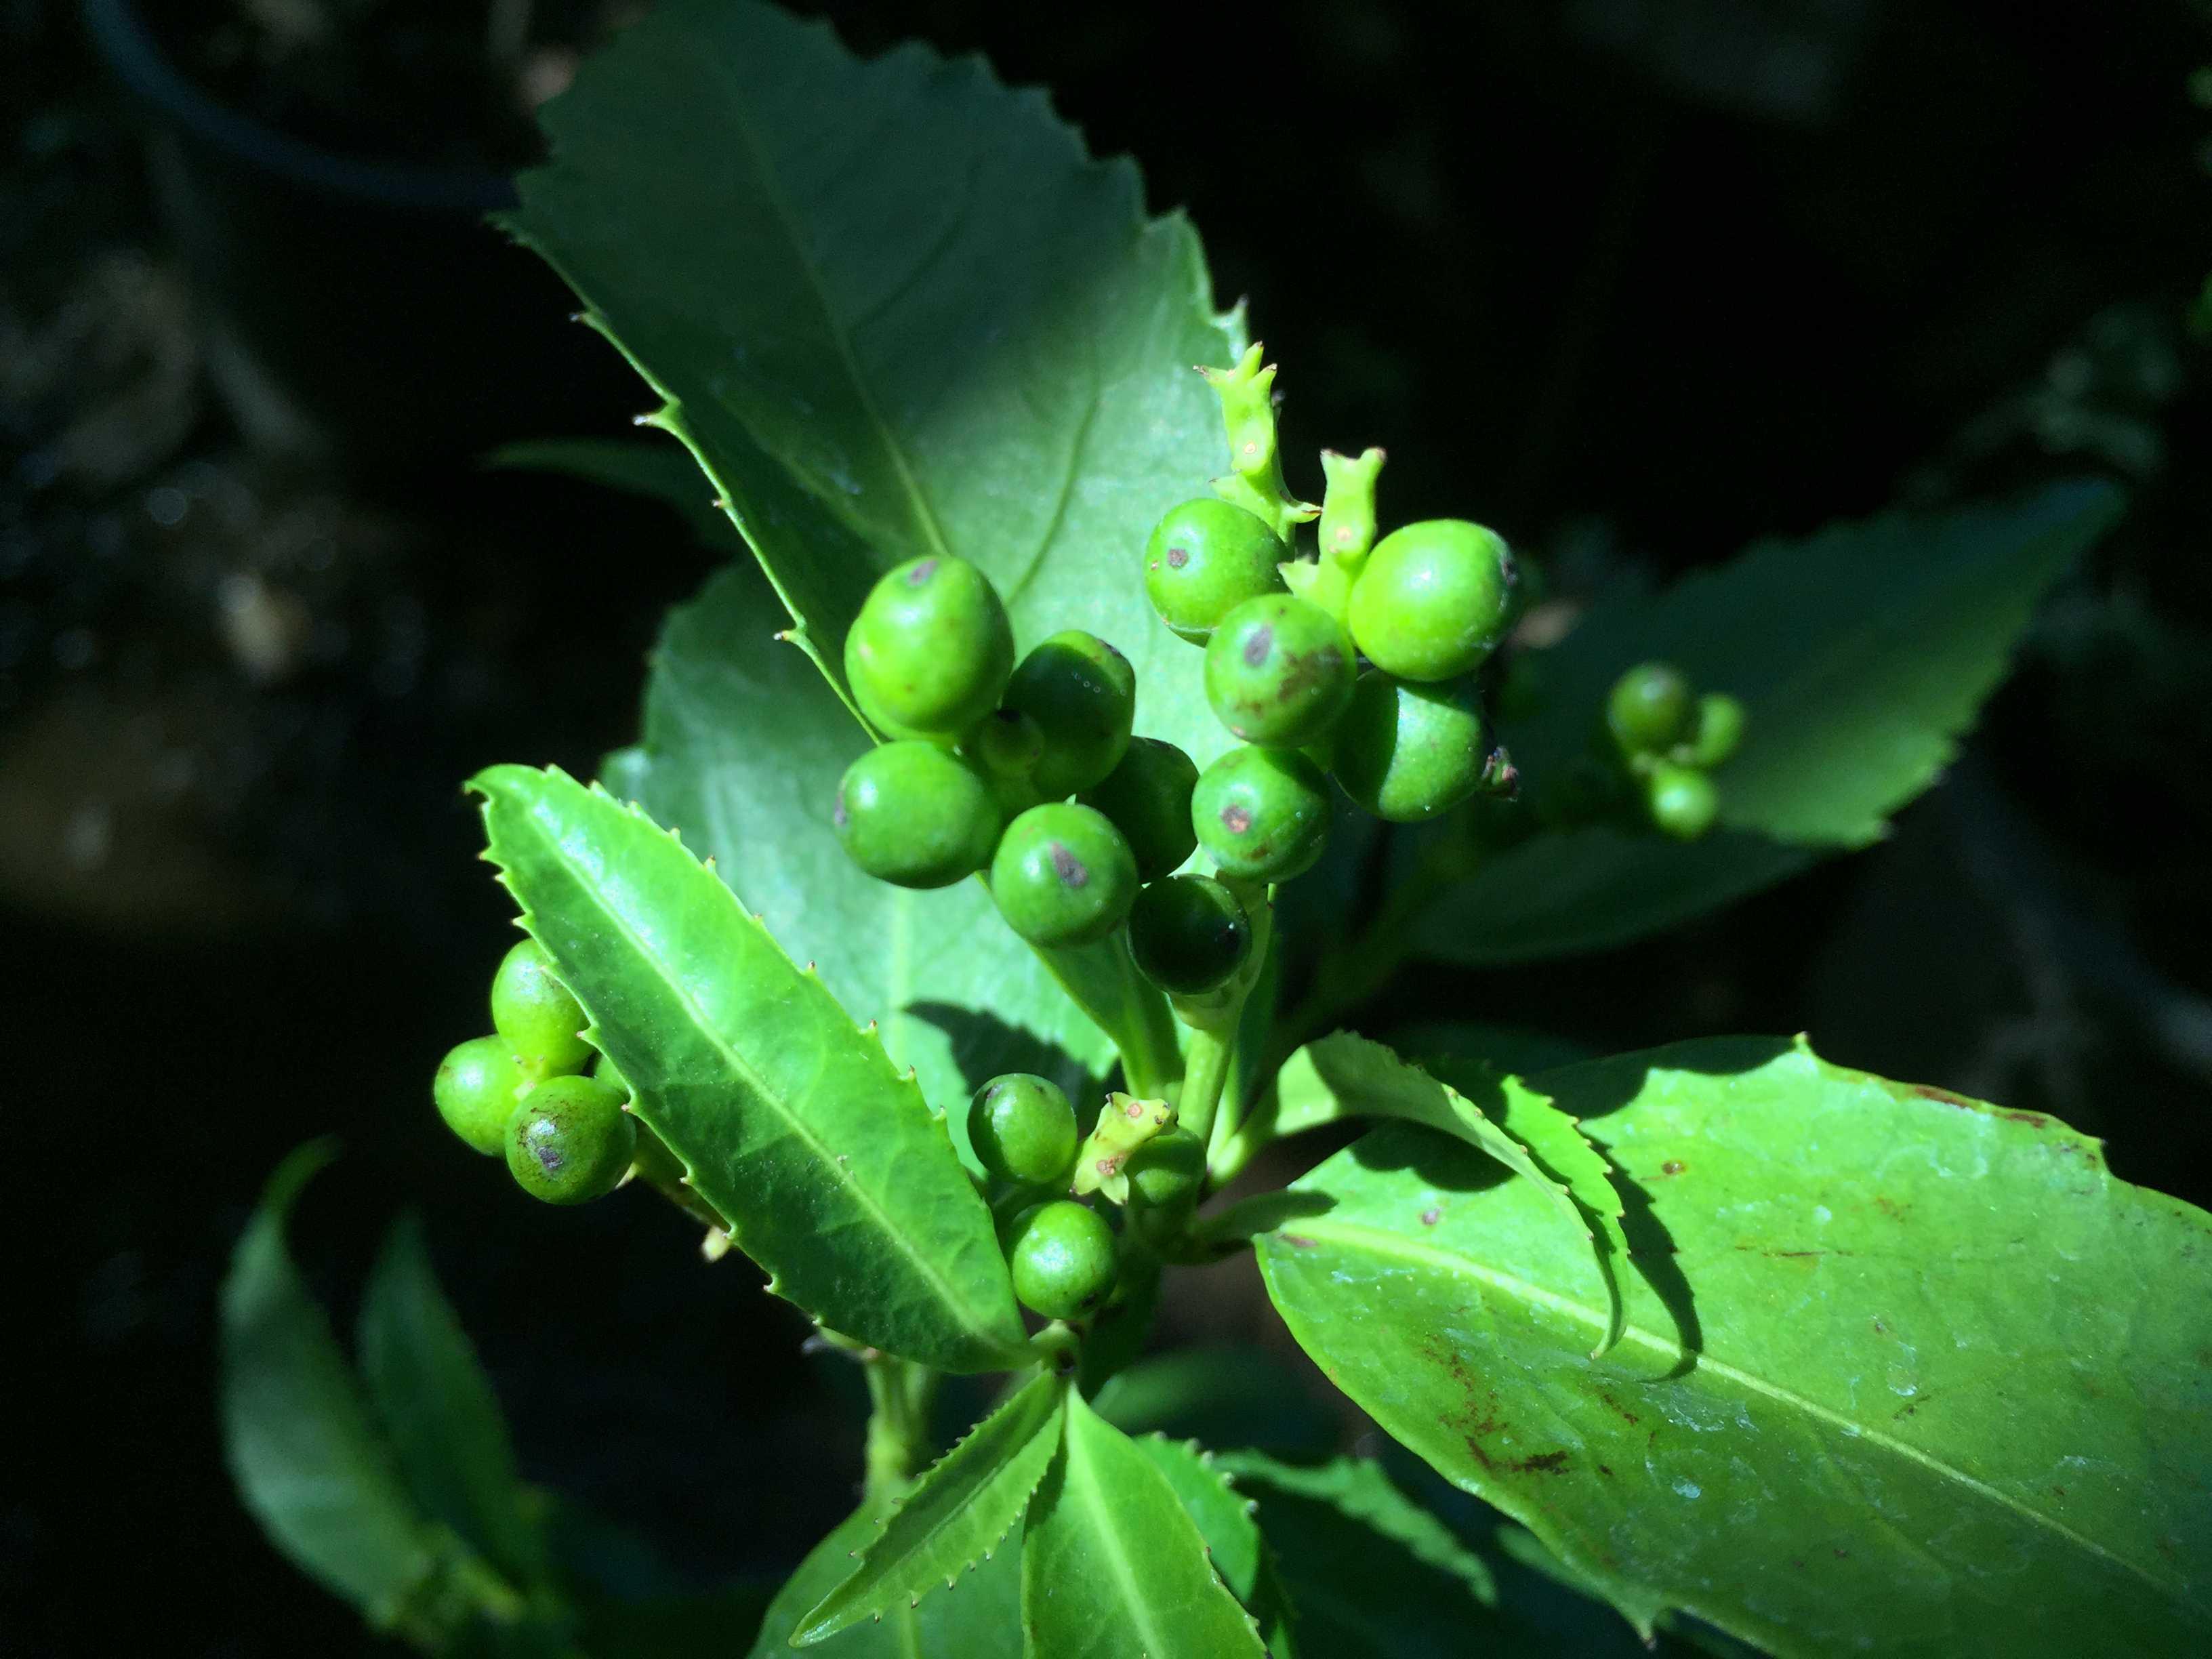 鮮やかな緑色の黄実千両(キミノセンリョウ)